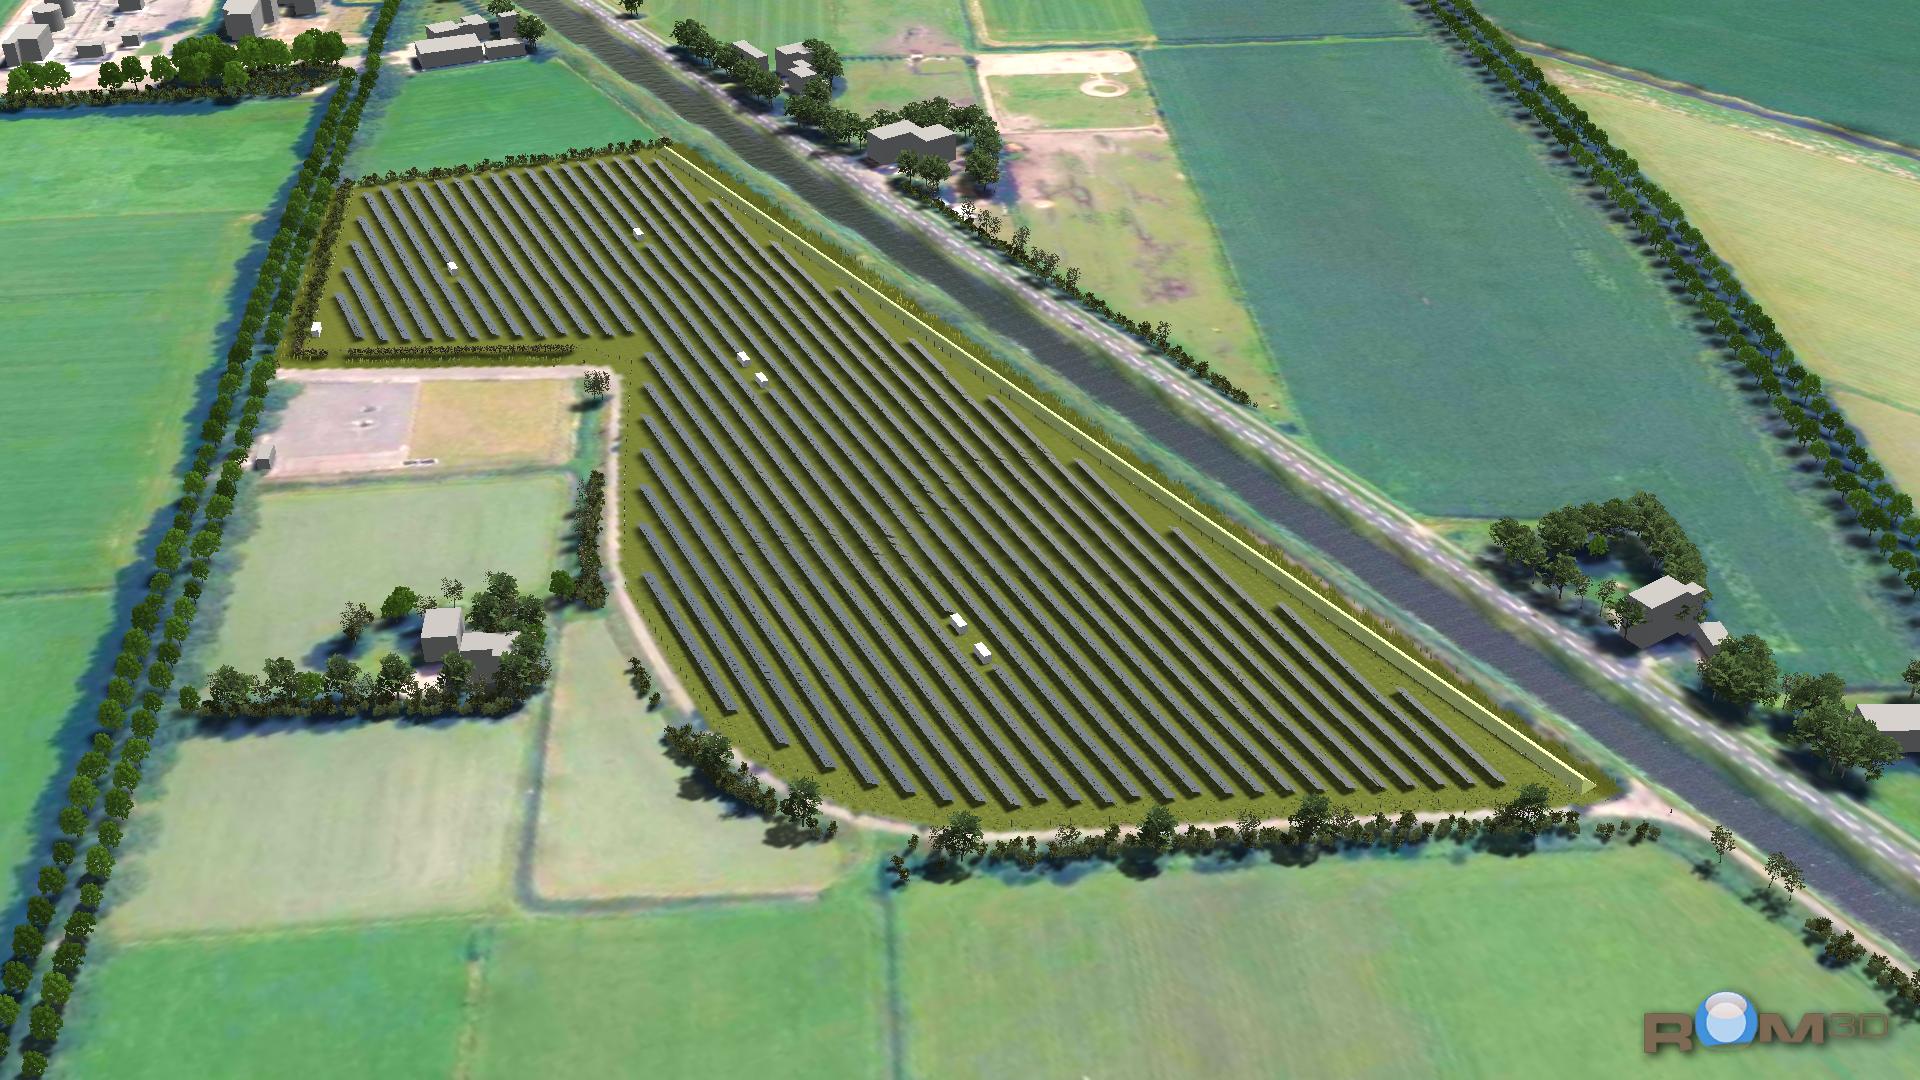 zonnepark coevorden powerfield nuon